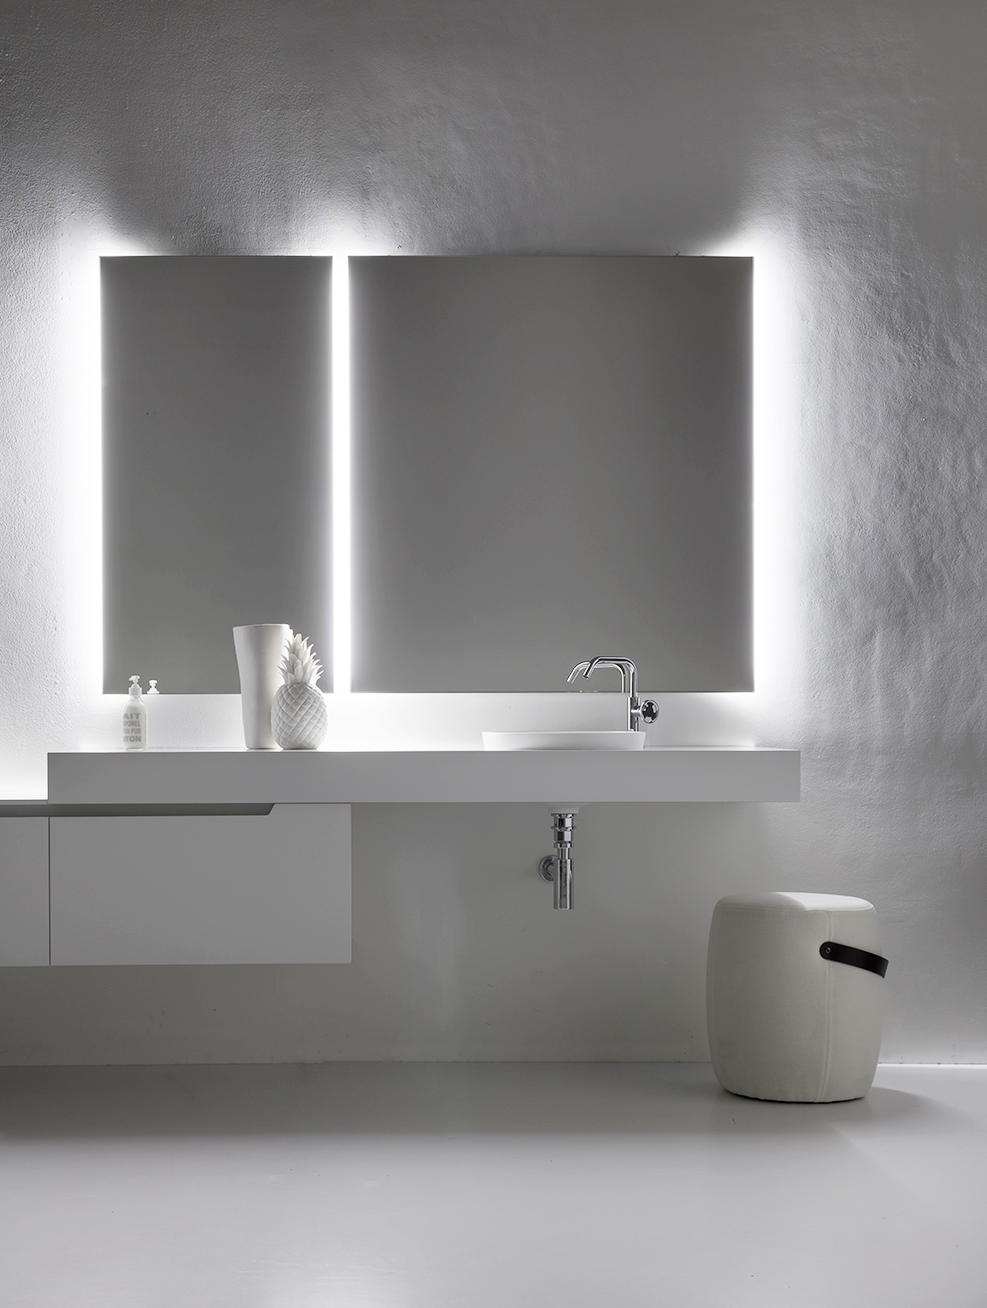 4. Luci di cortesia - La luce led della specchiera illumina la stanza da bagno, e al buio diventa una comoda luce di cortesia.